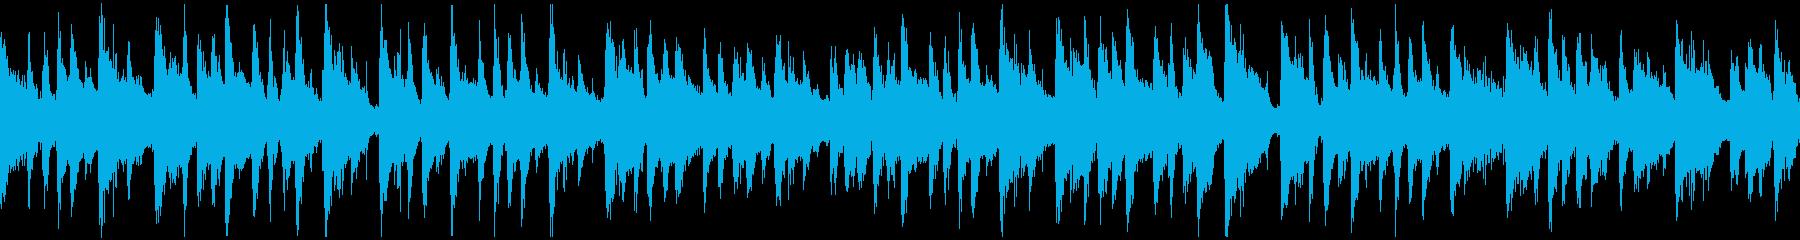 おしゃれ/女性スキャットボサノバ/ループの再生済みの波形